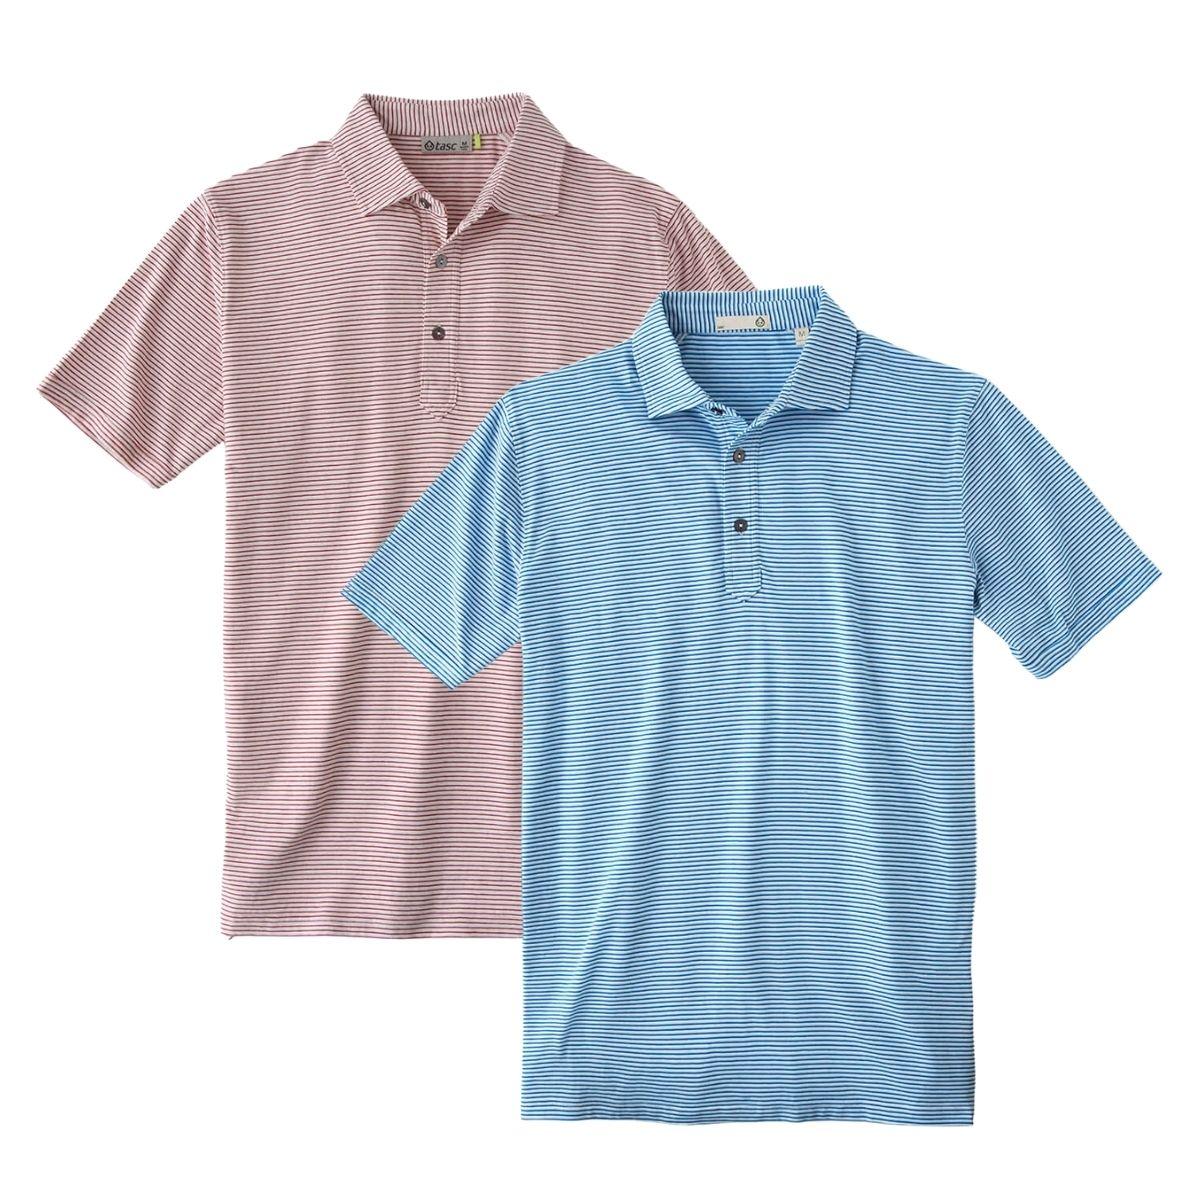 Tasc Men's 2021 Everywear Channel Stripe Polo